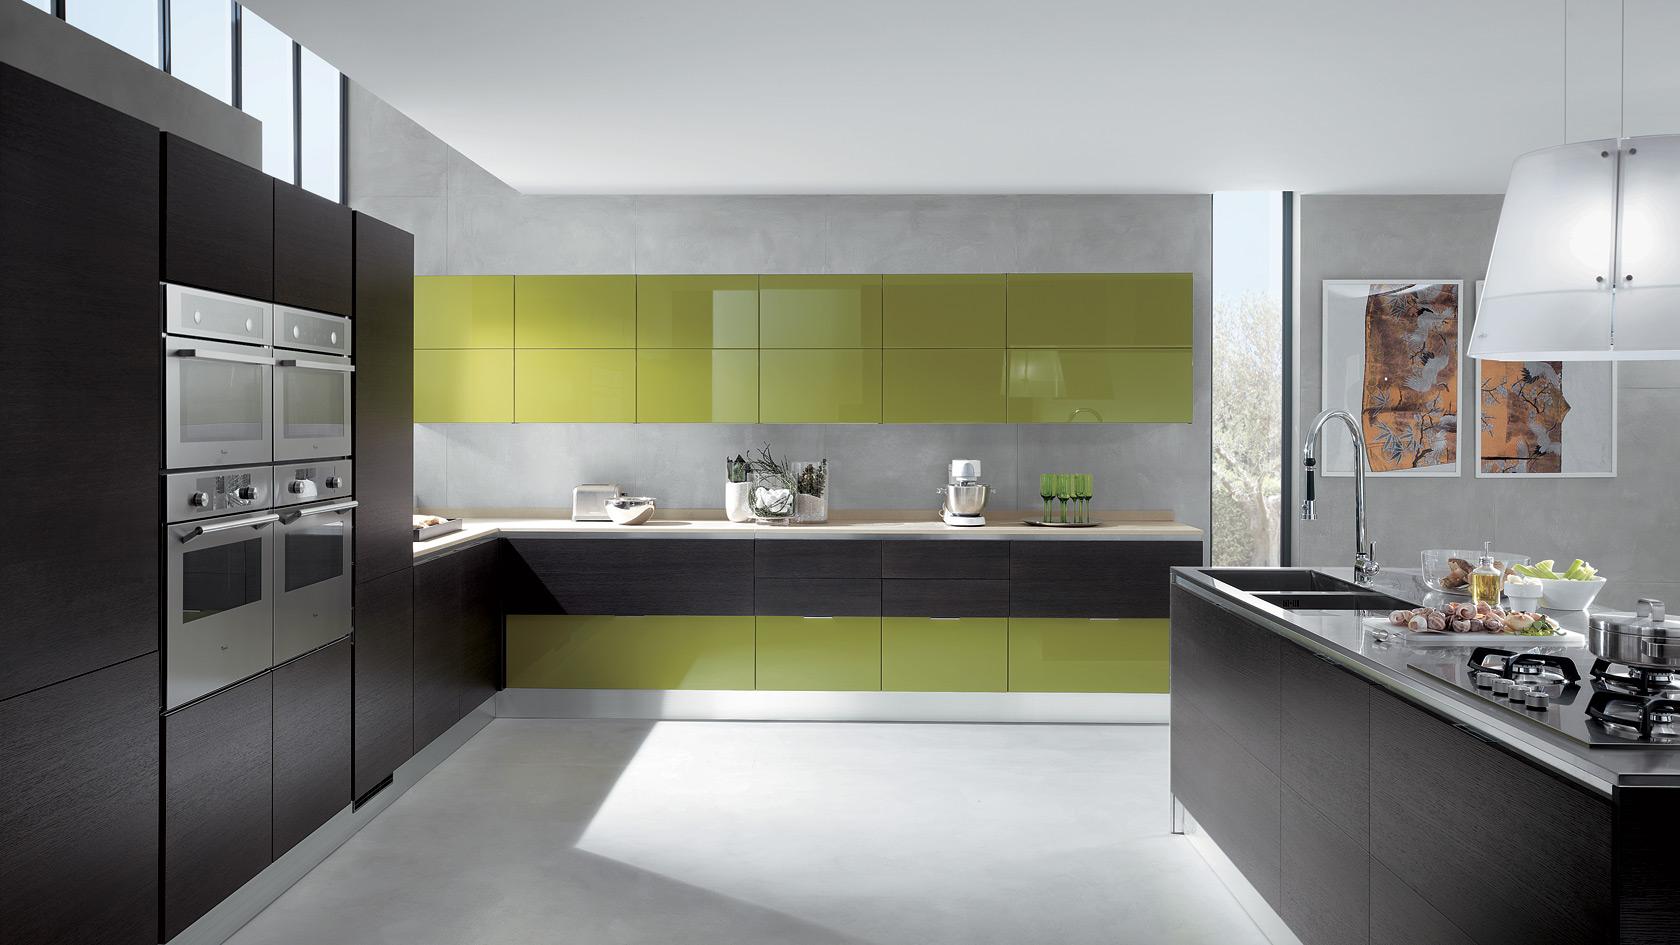 In Cucina Diamo Spazio Al Colore Casa Di Stile #8A8941 1680 945 Cambiare Colore Al Top Della Cucina